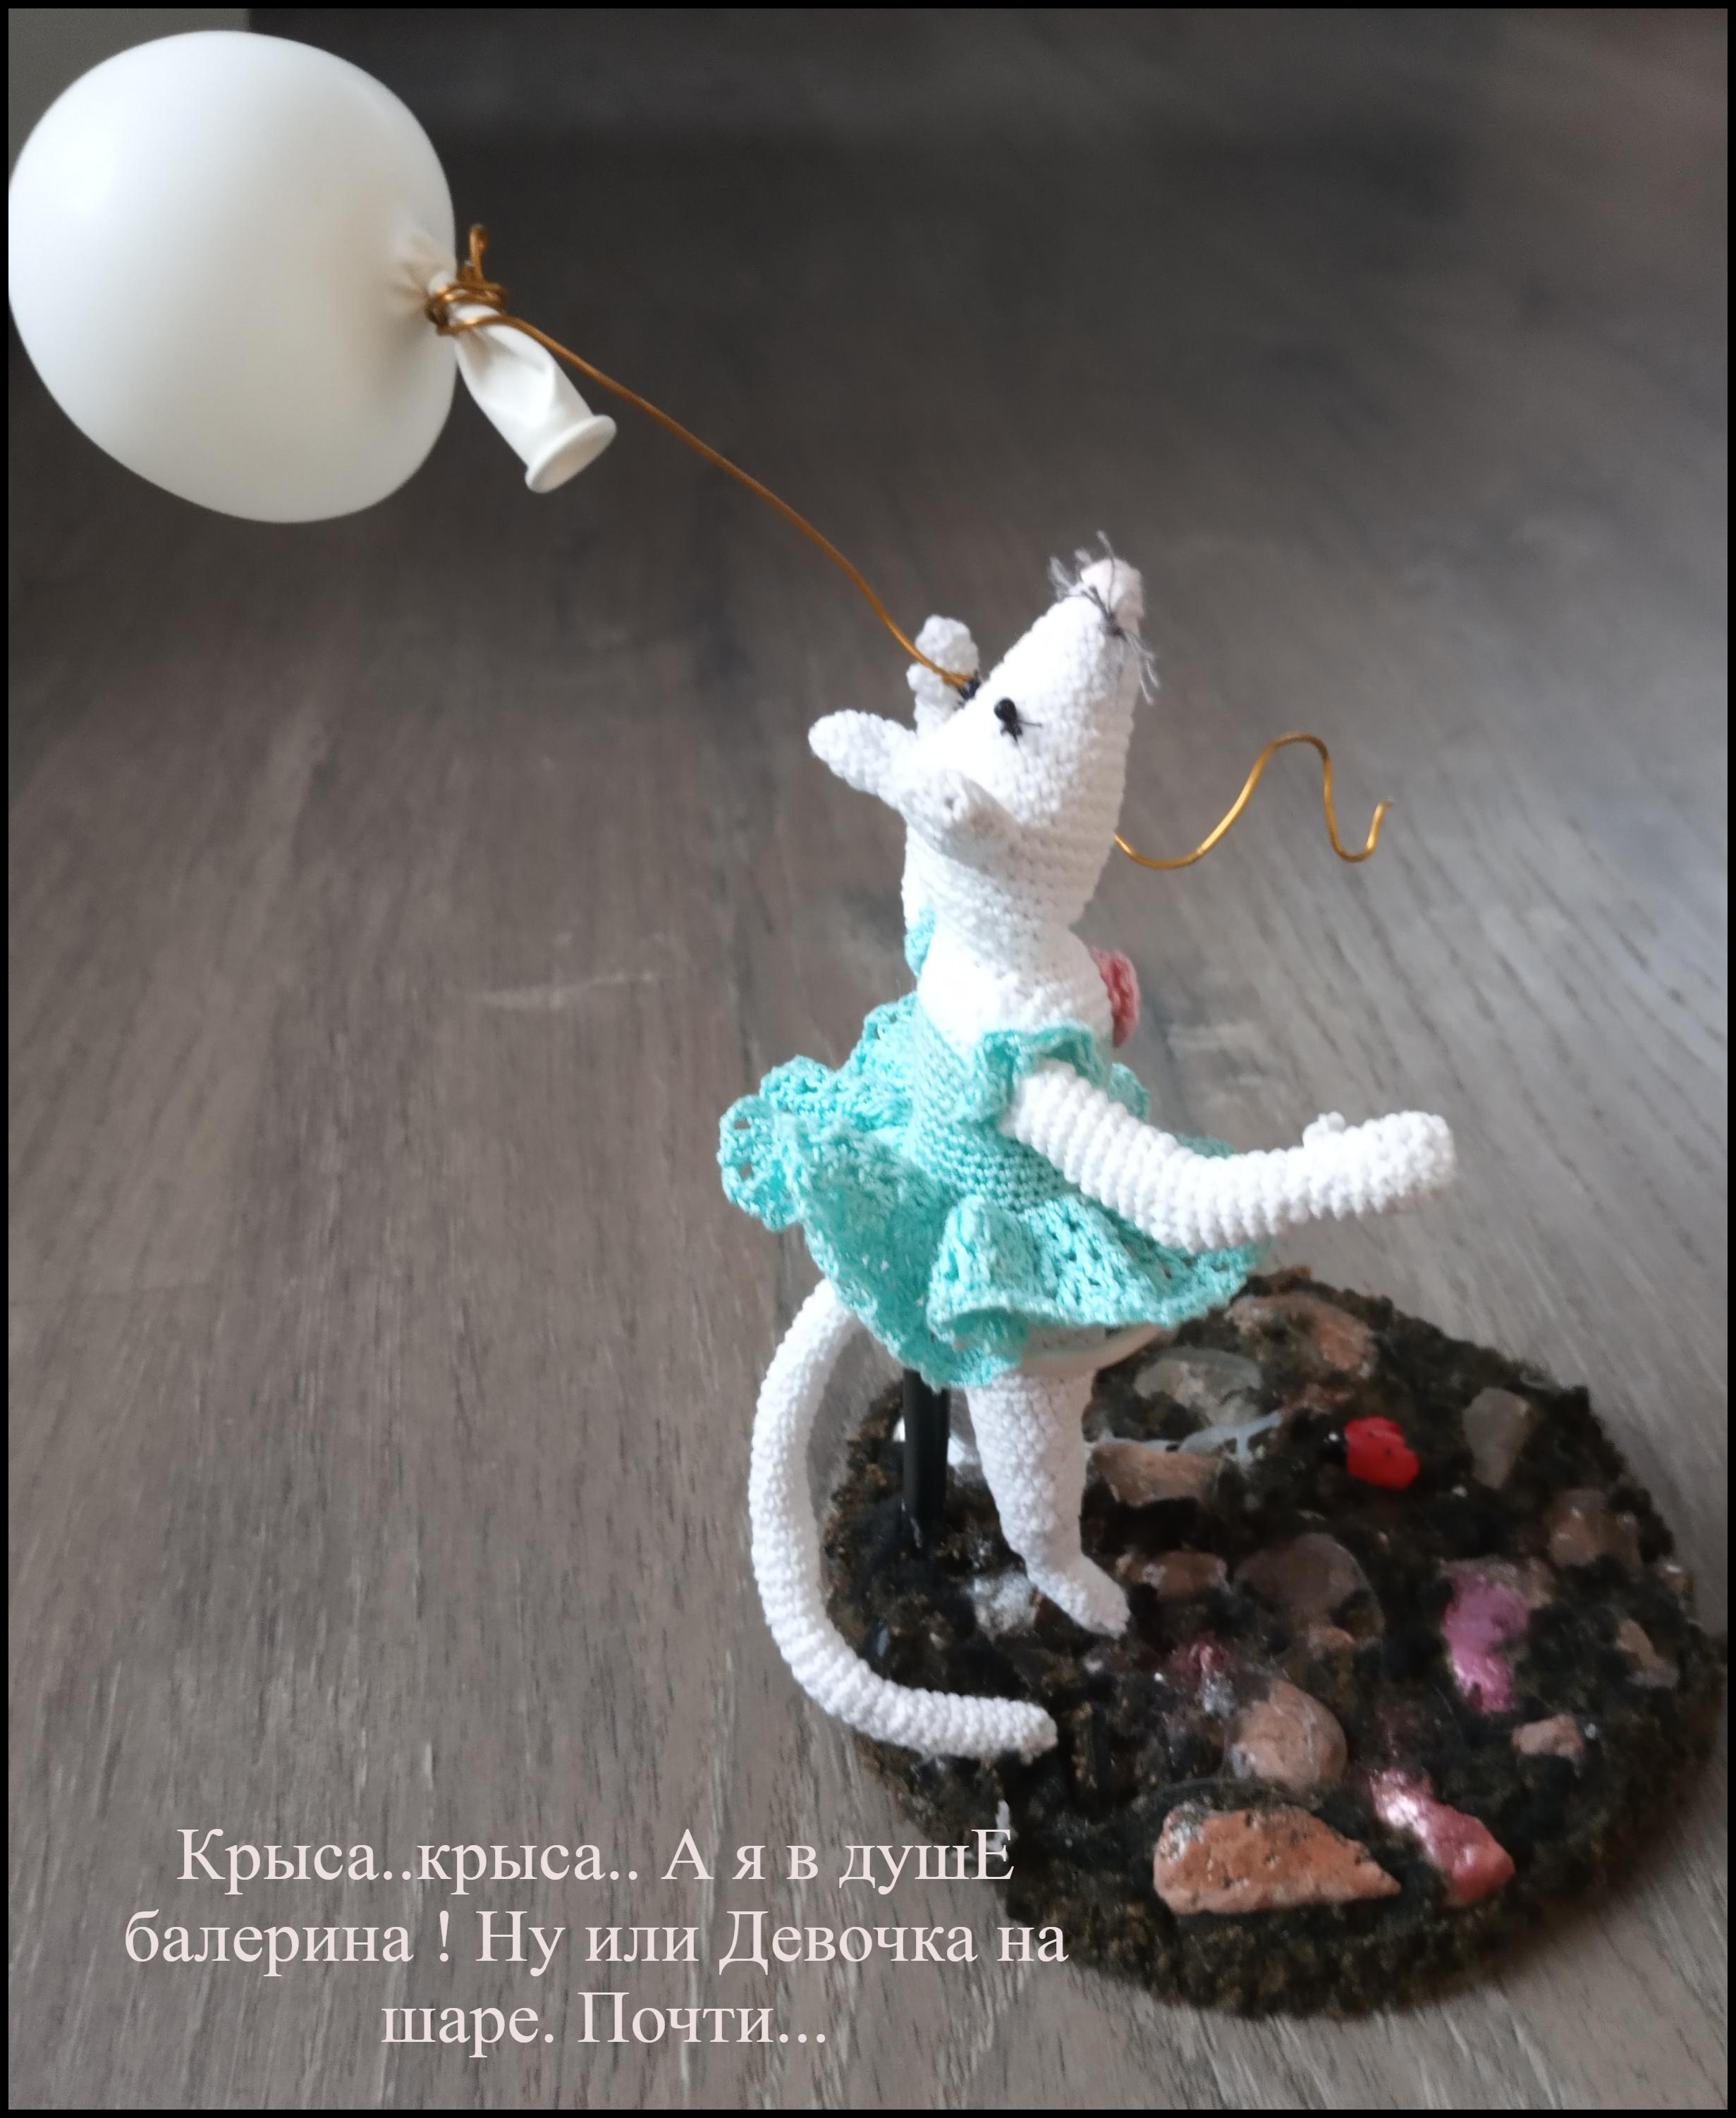 Мышка с шариком